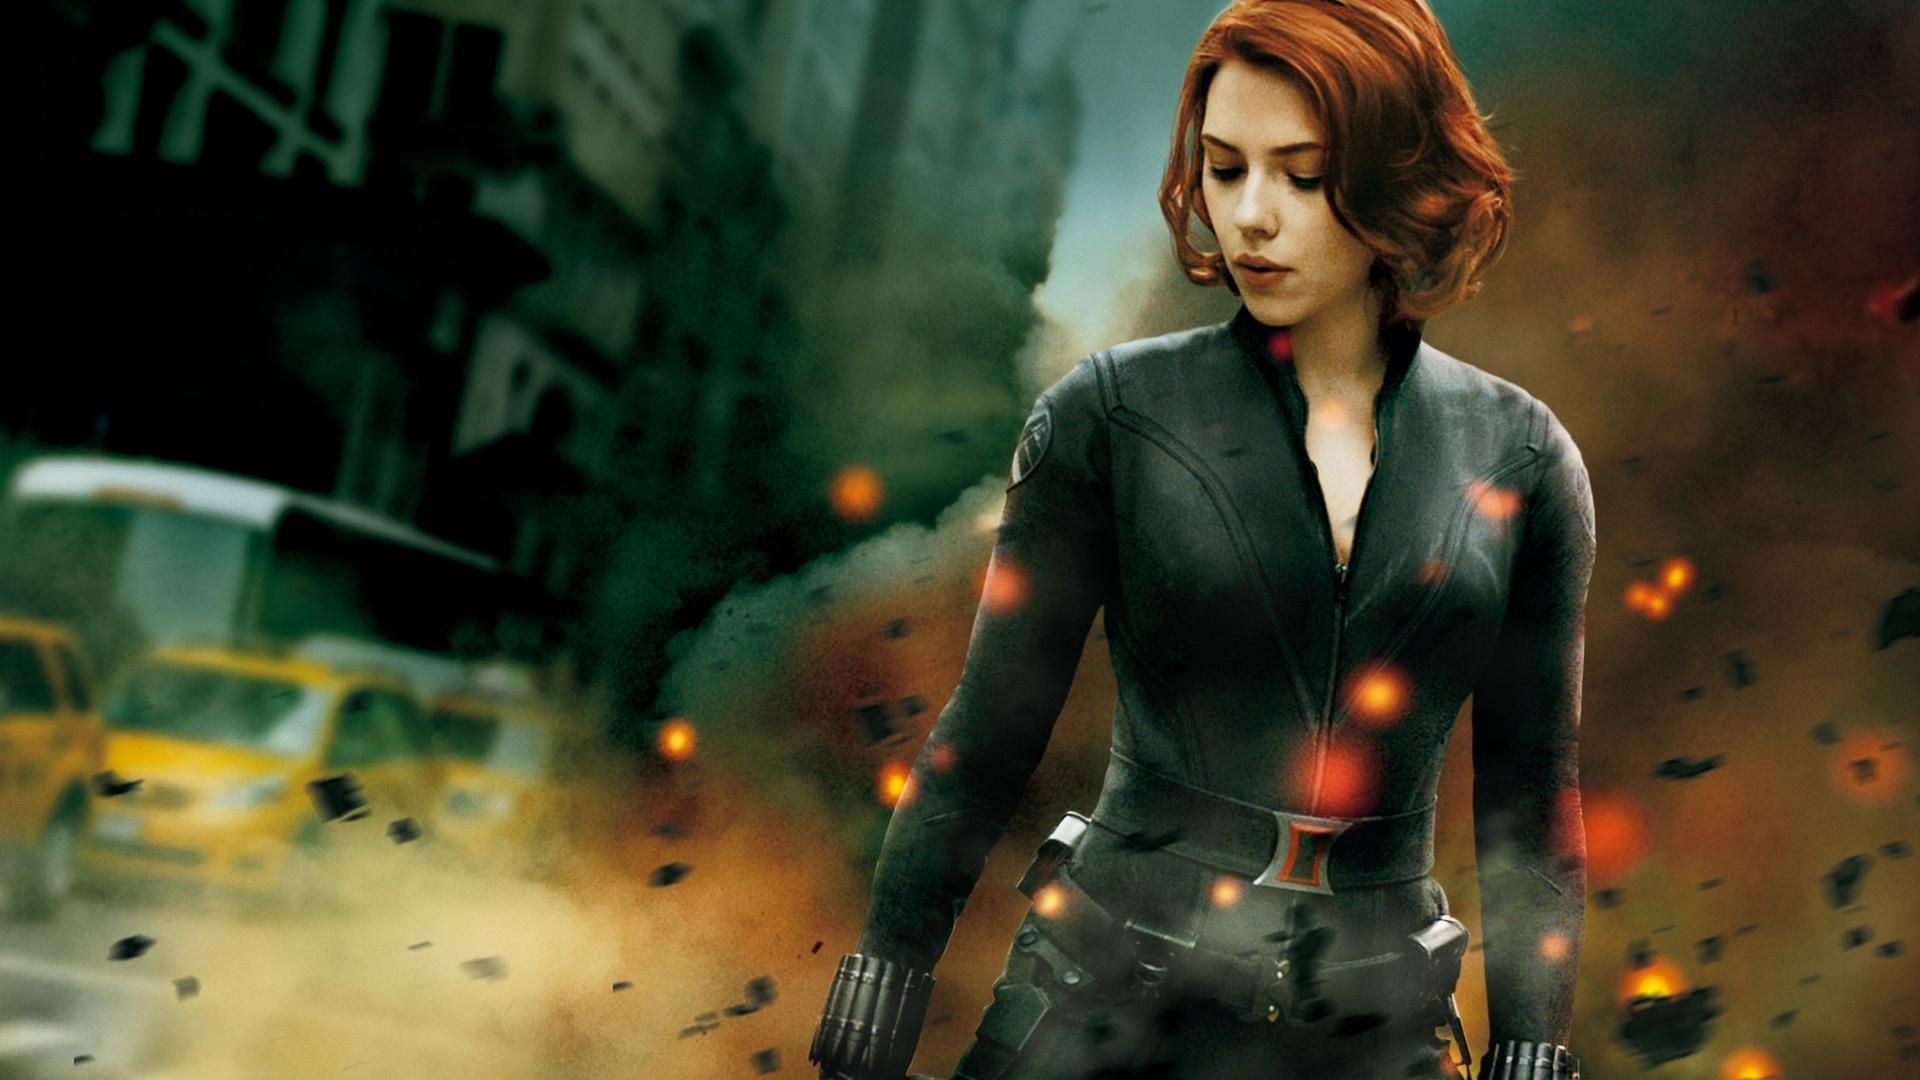 Scarlett Johansson Black Widow Avengers Black Widow Movie Black Widow Scarlett Black Widow Film